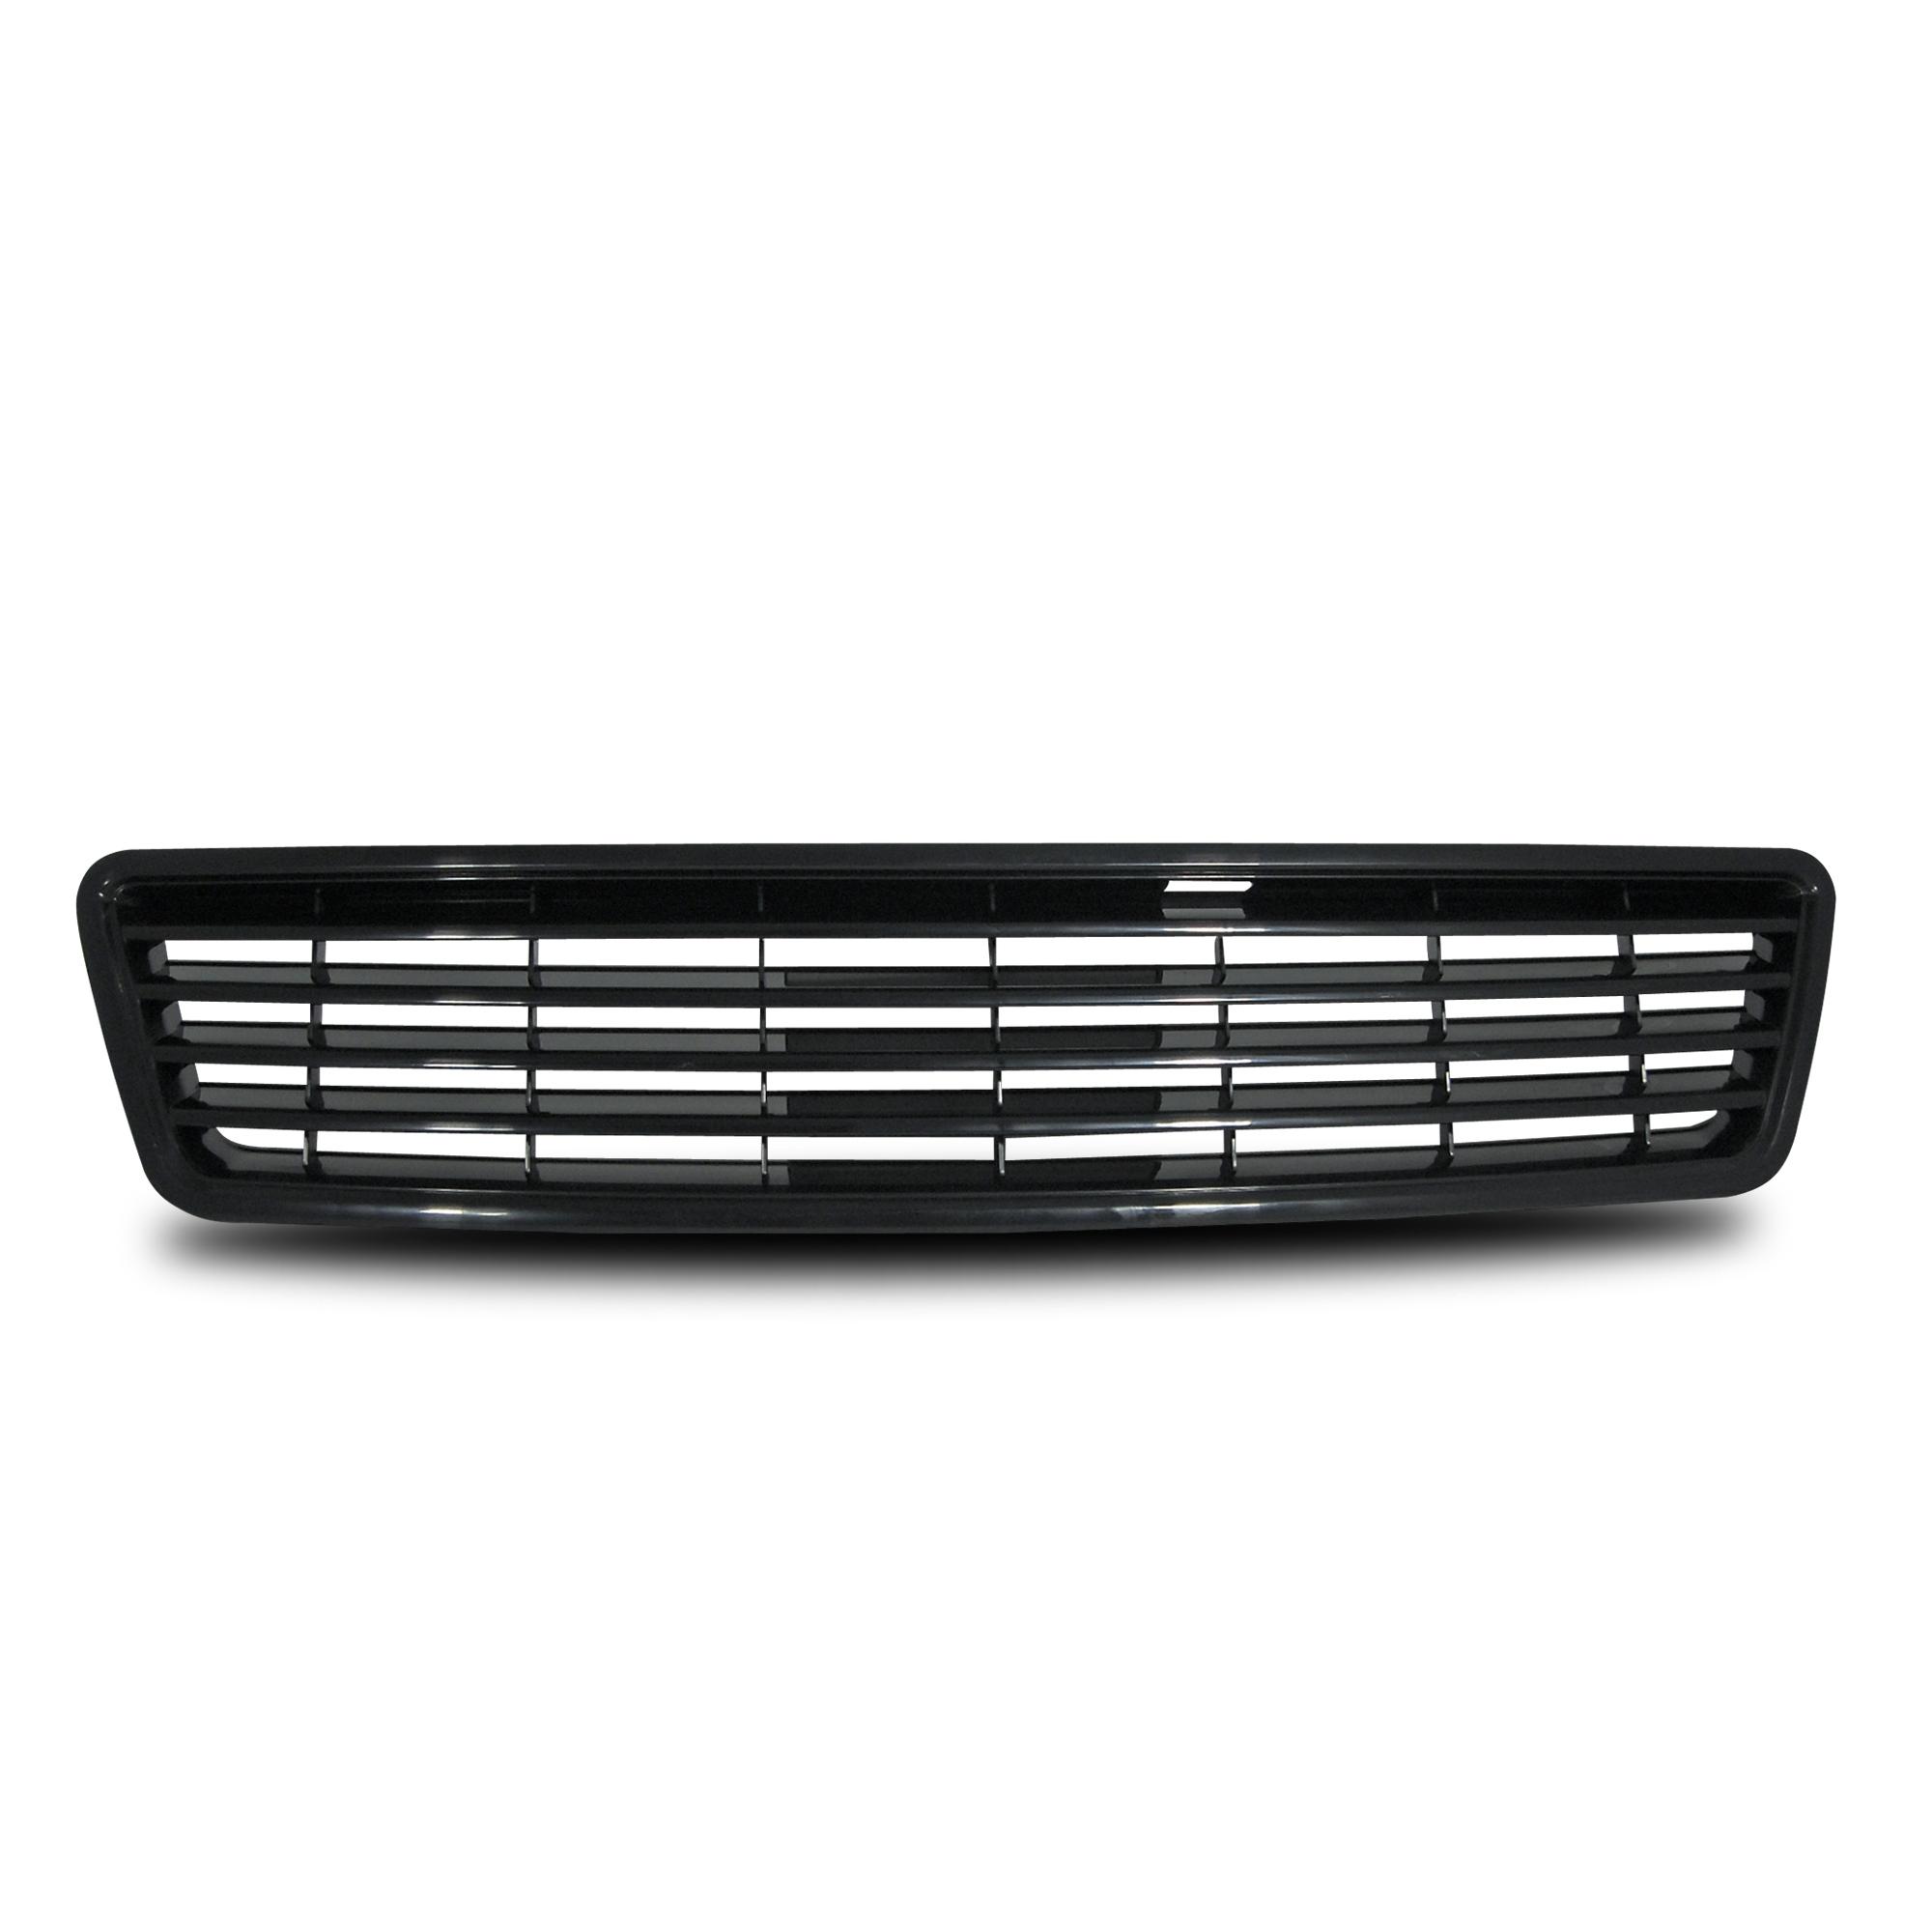 JOM Frontgrill sort til Audi A6 årgang 5.1997-6.2001 - uden logo Styling